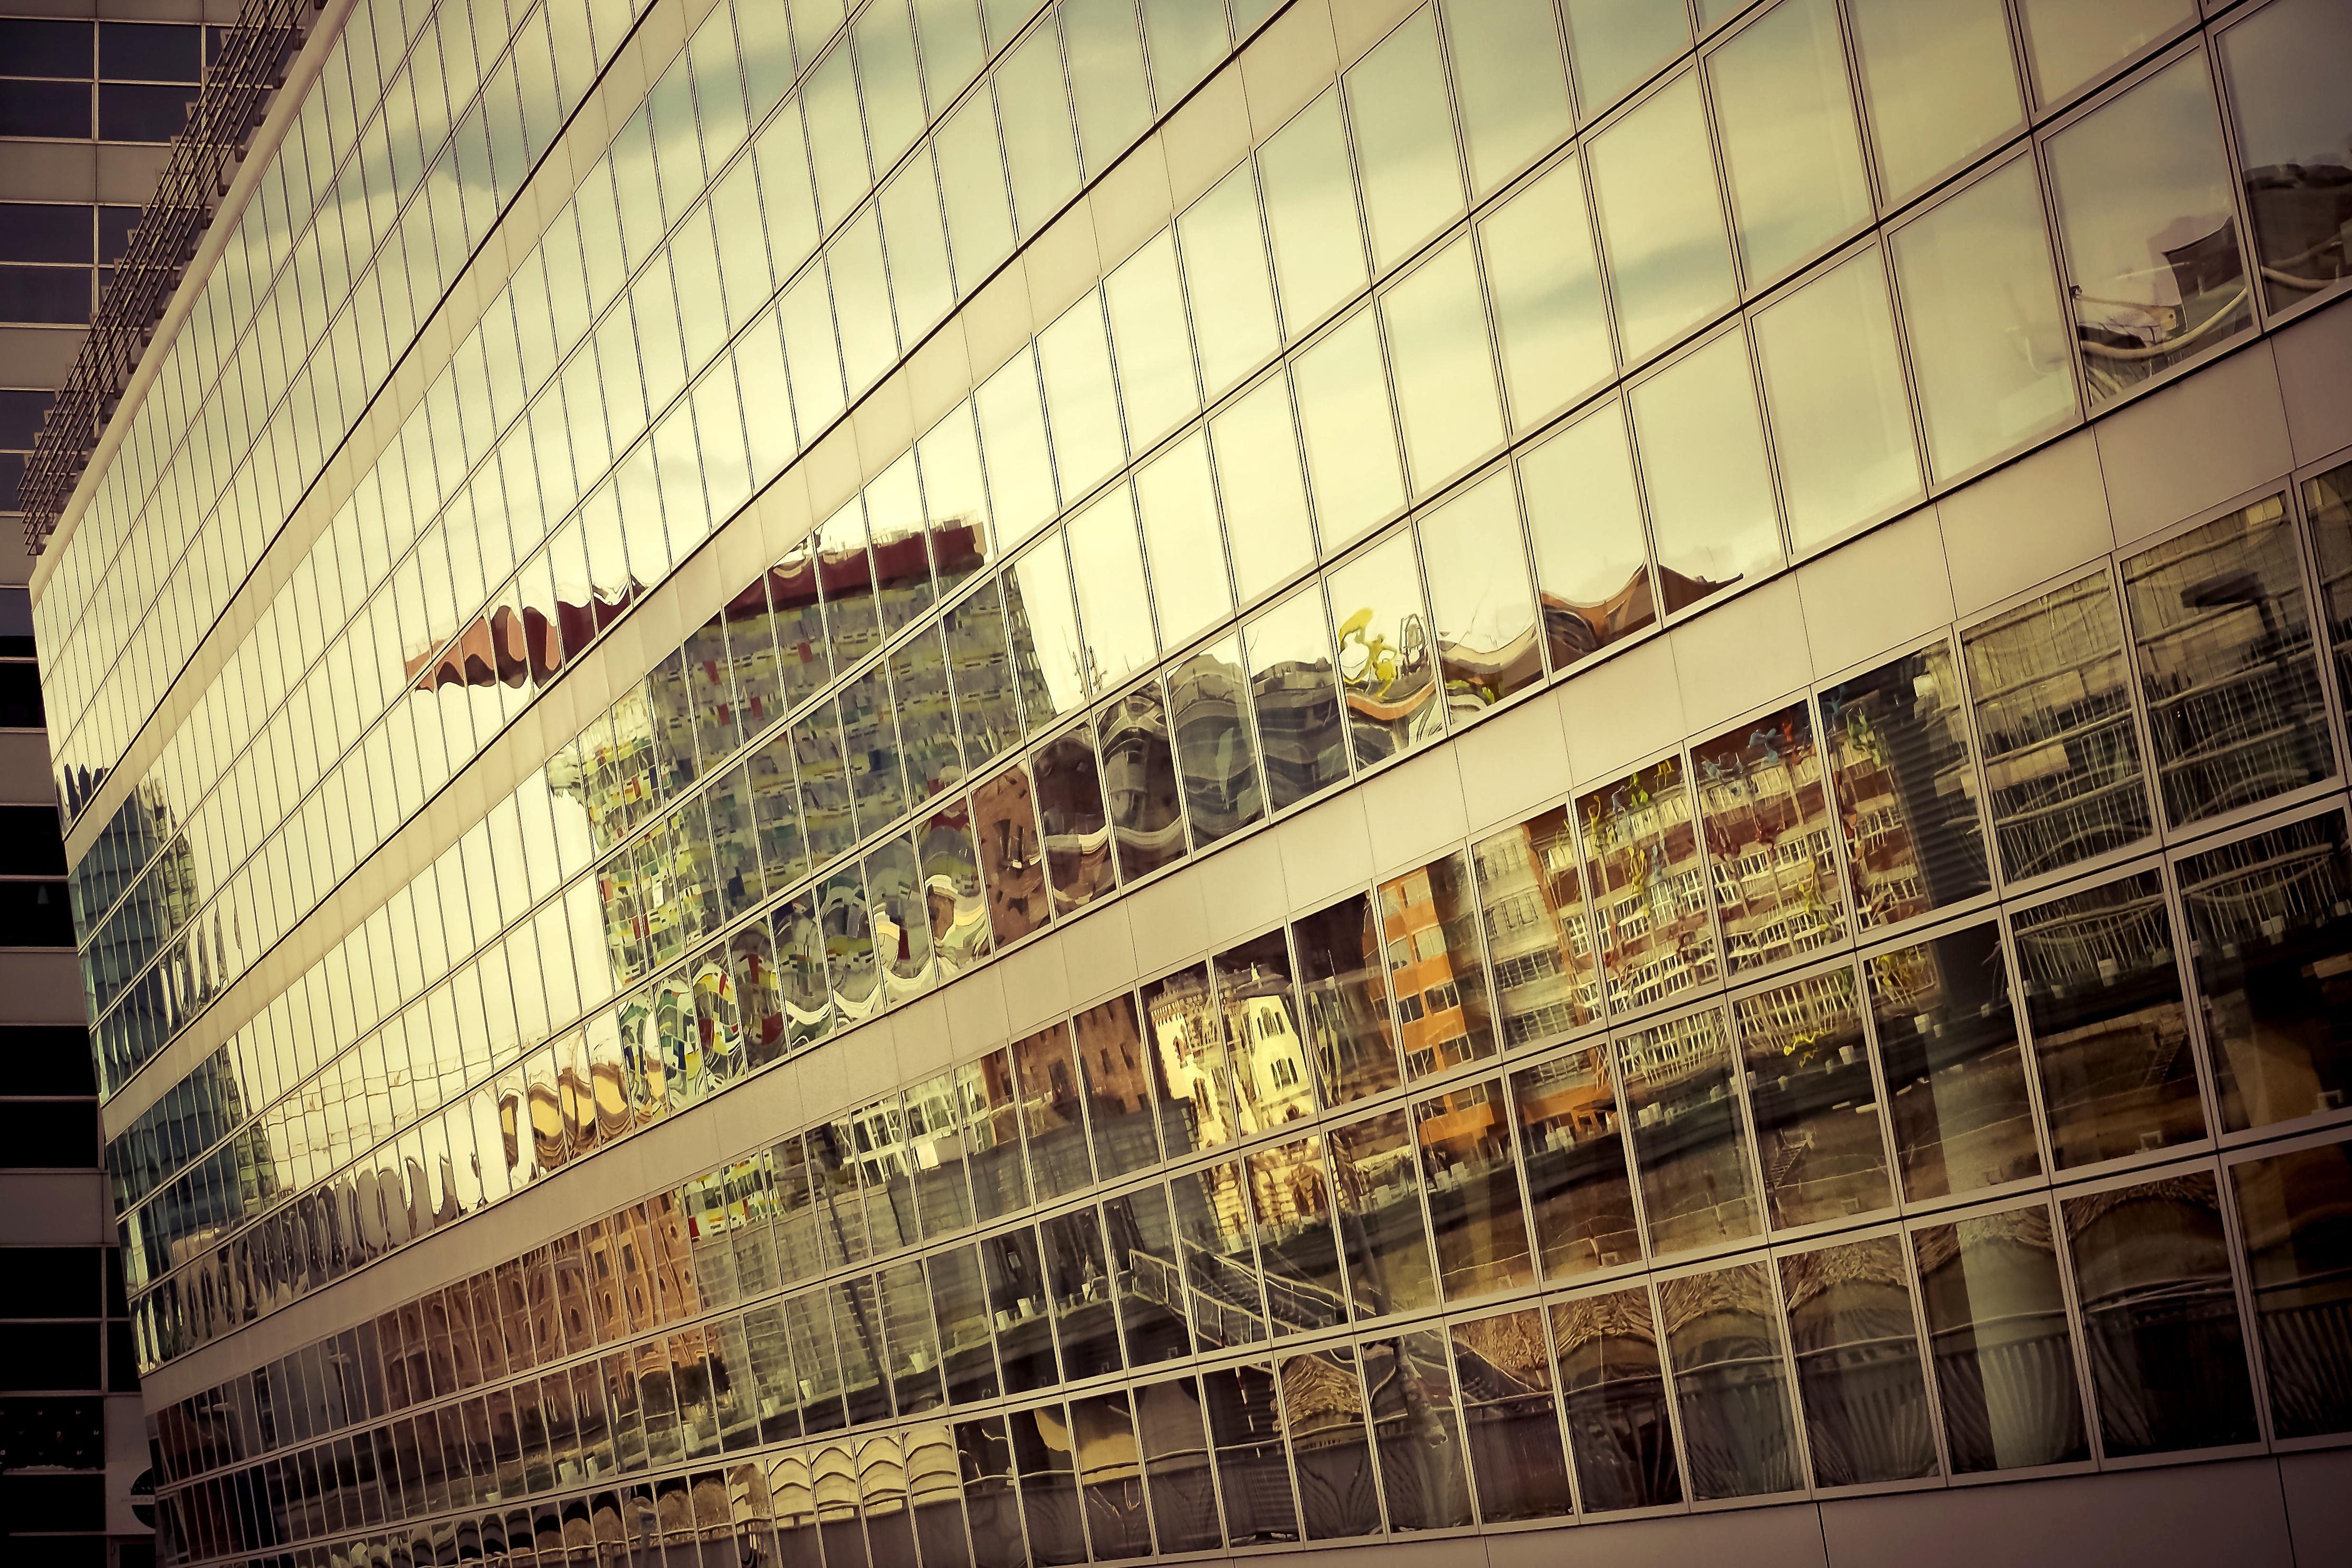 Kostenlose Foto Licht Die Architektur Holz Sonnenuntergang Skyline Fenster Glas Gebaude Atmosphare Zuhause Wolkenkratzer Stadtisch Mauer